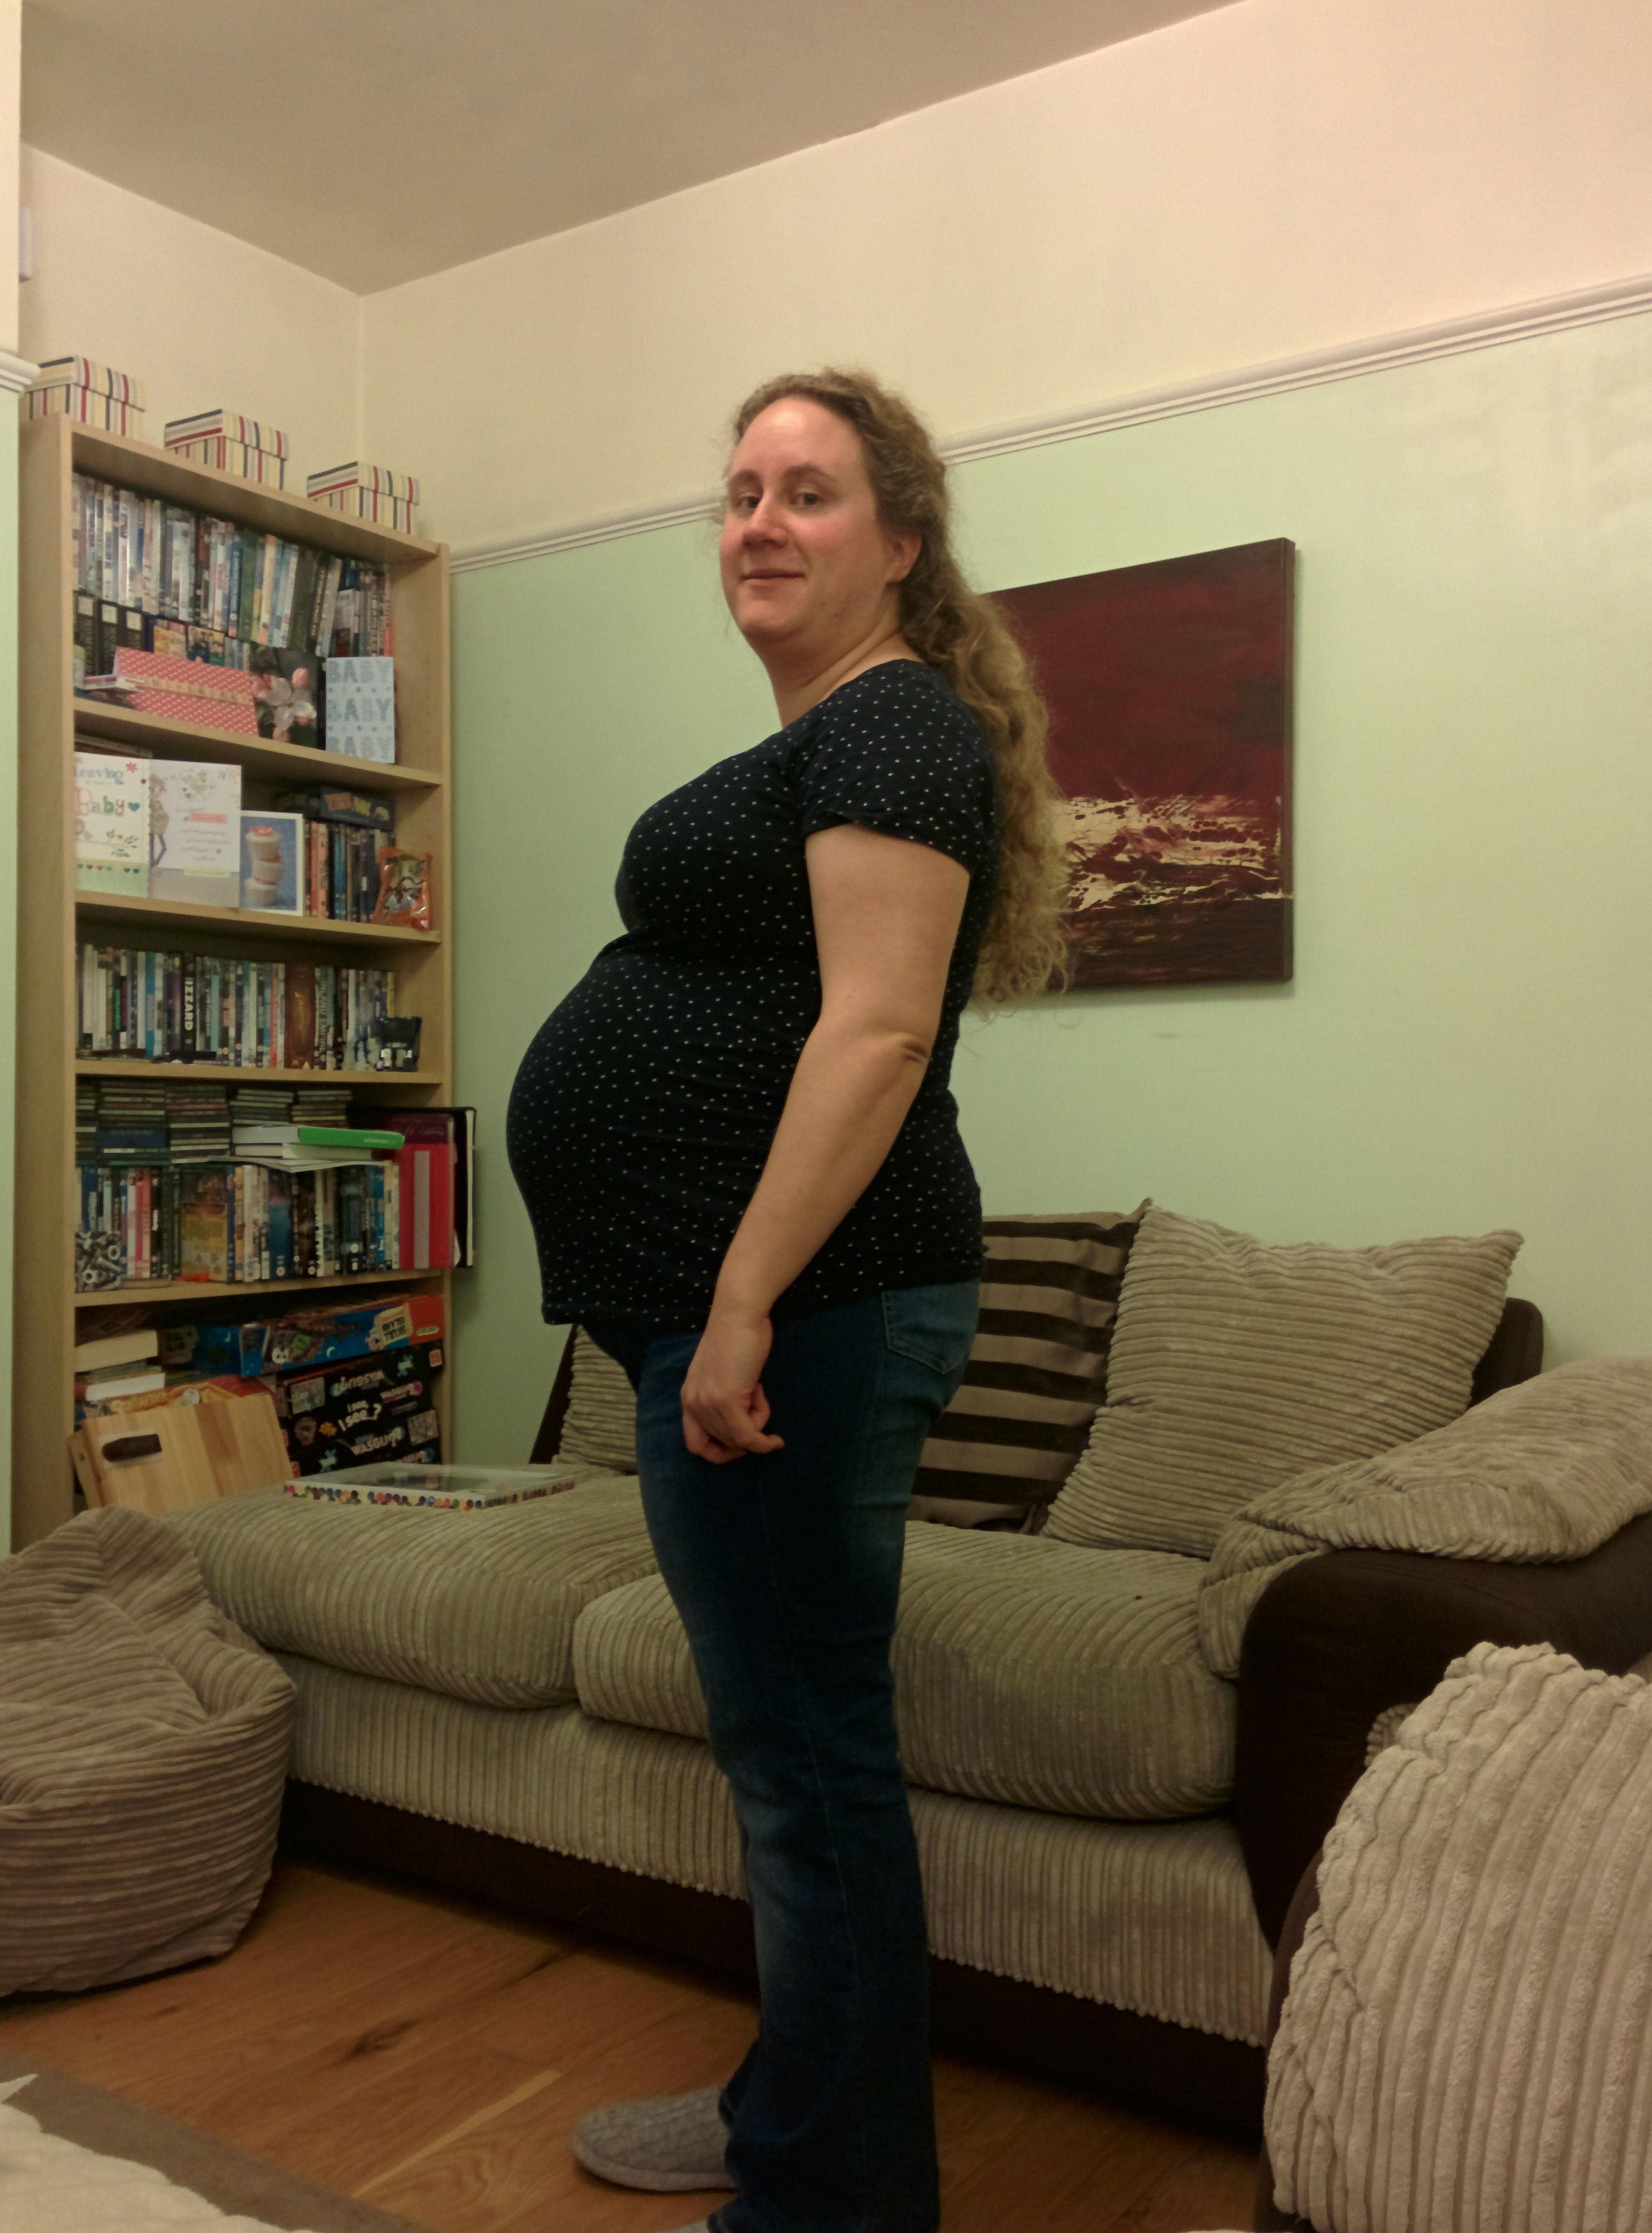 40 weeks 2